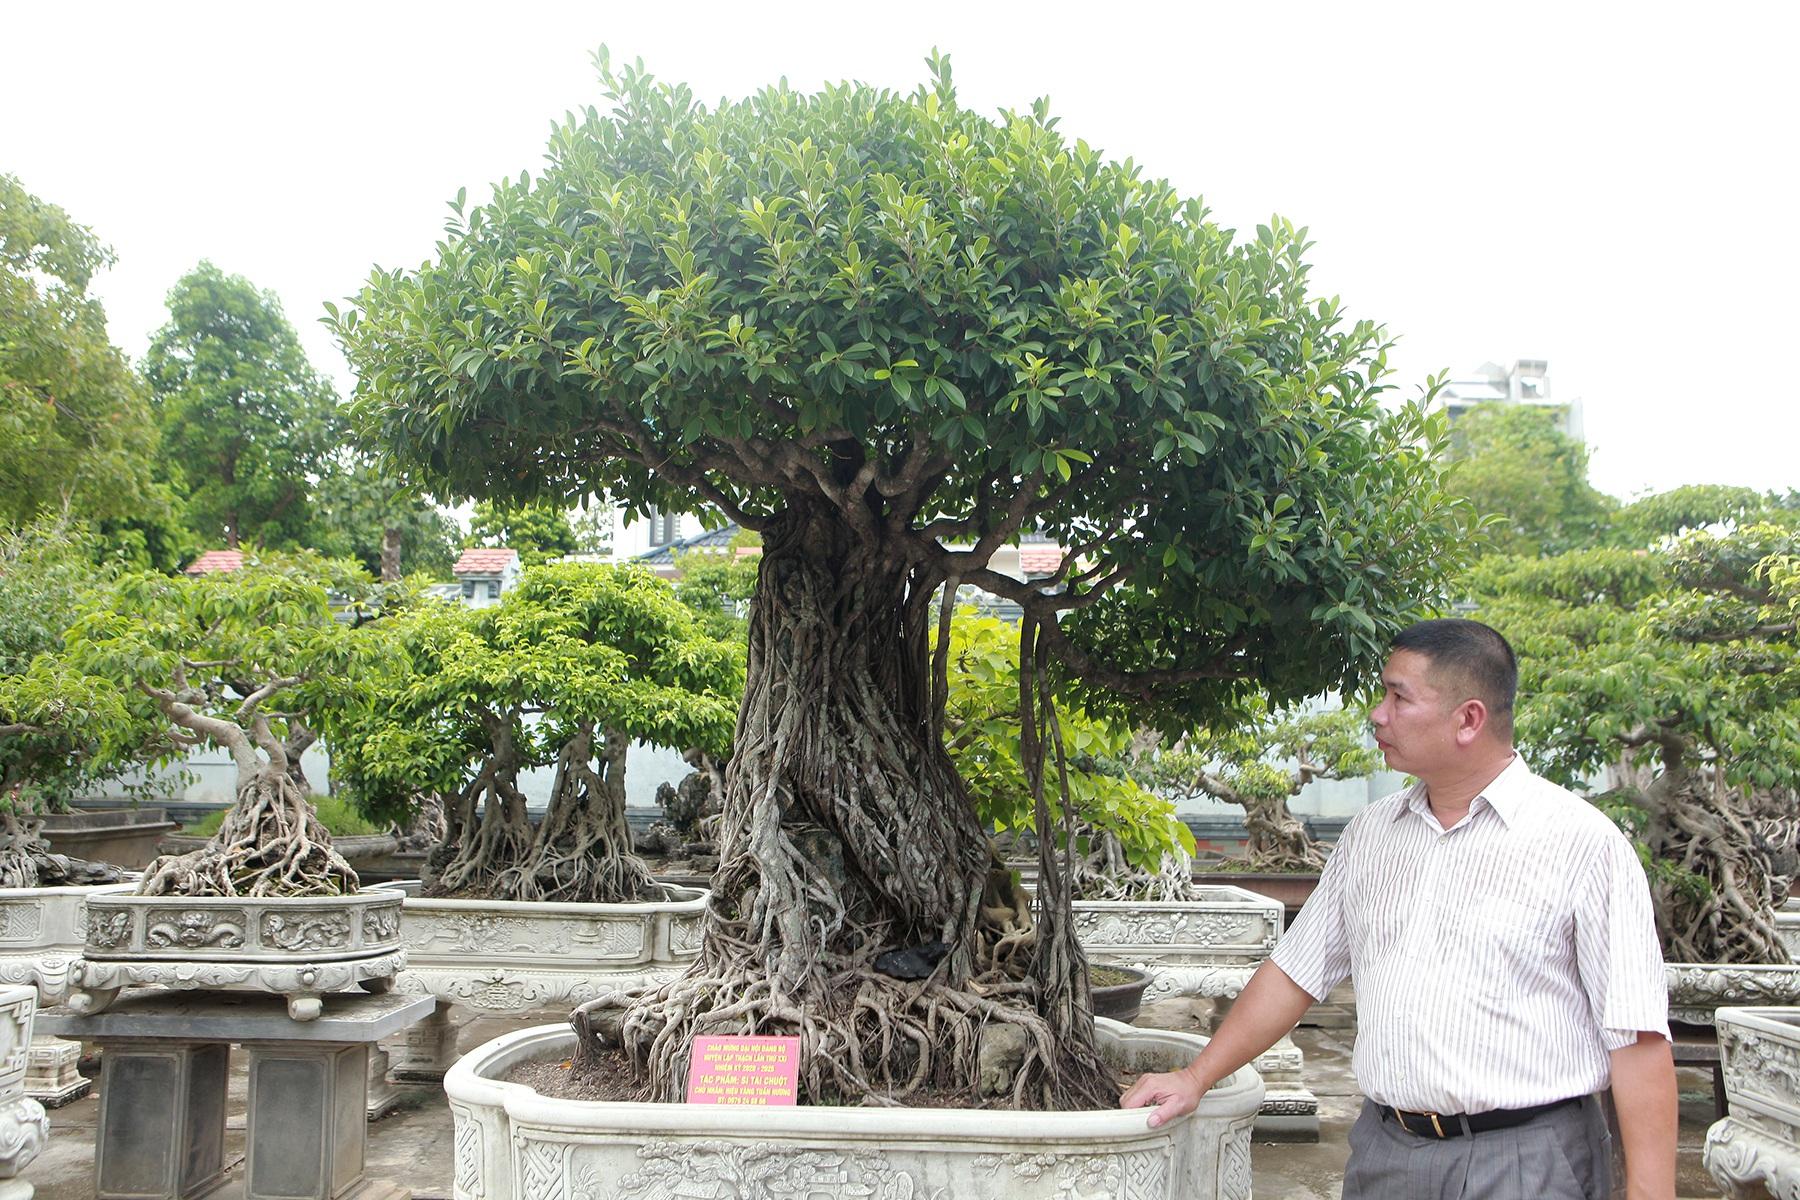 Chiêm ngưỡng bộ ba cây si cổ trị giá chục tỷ đồng của đại gia Vĩnh Phúc - 1